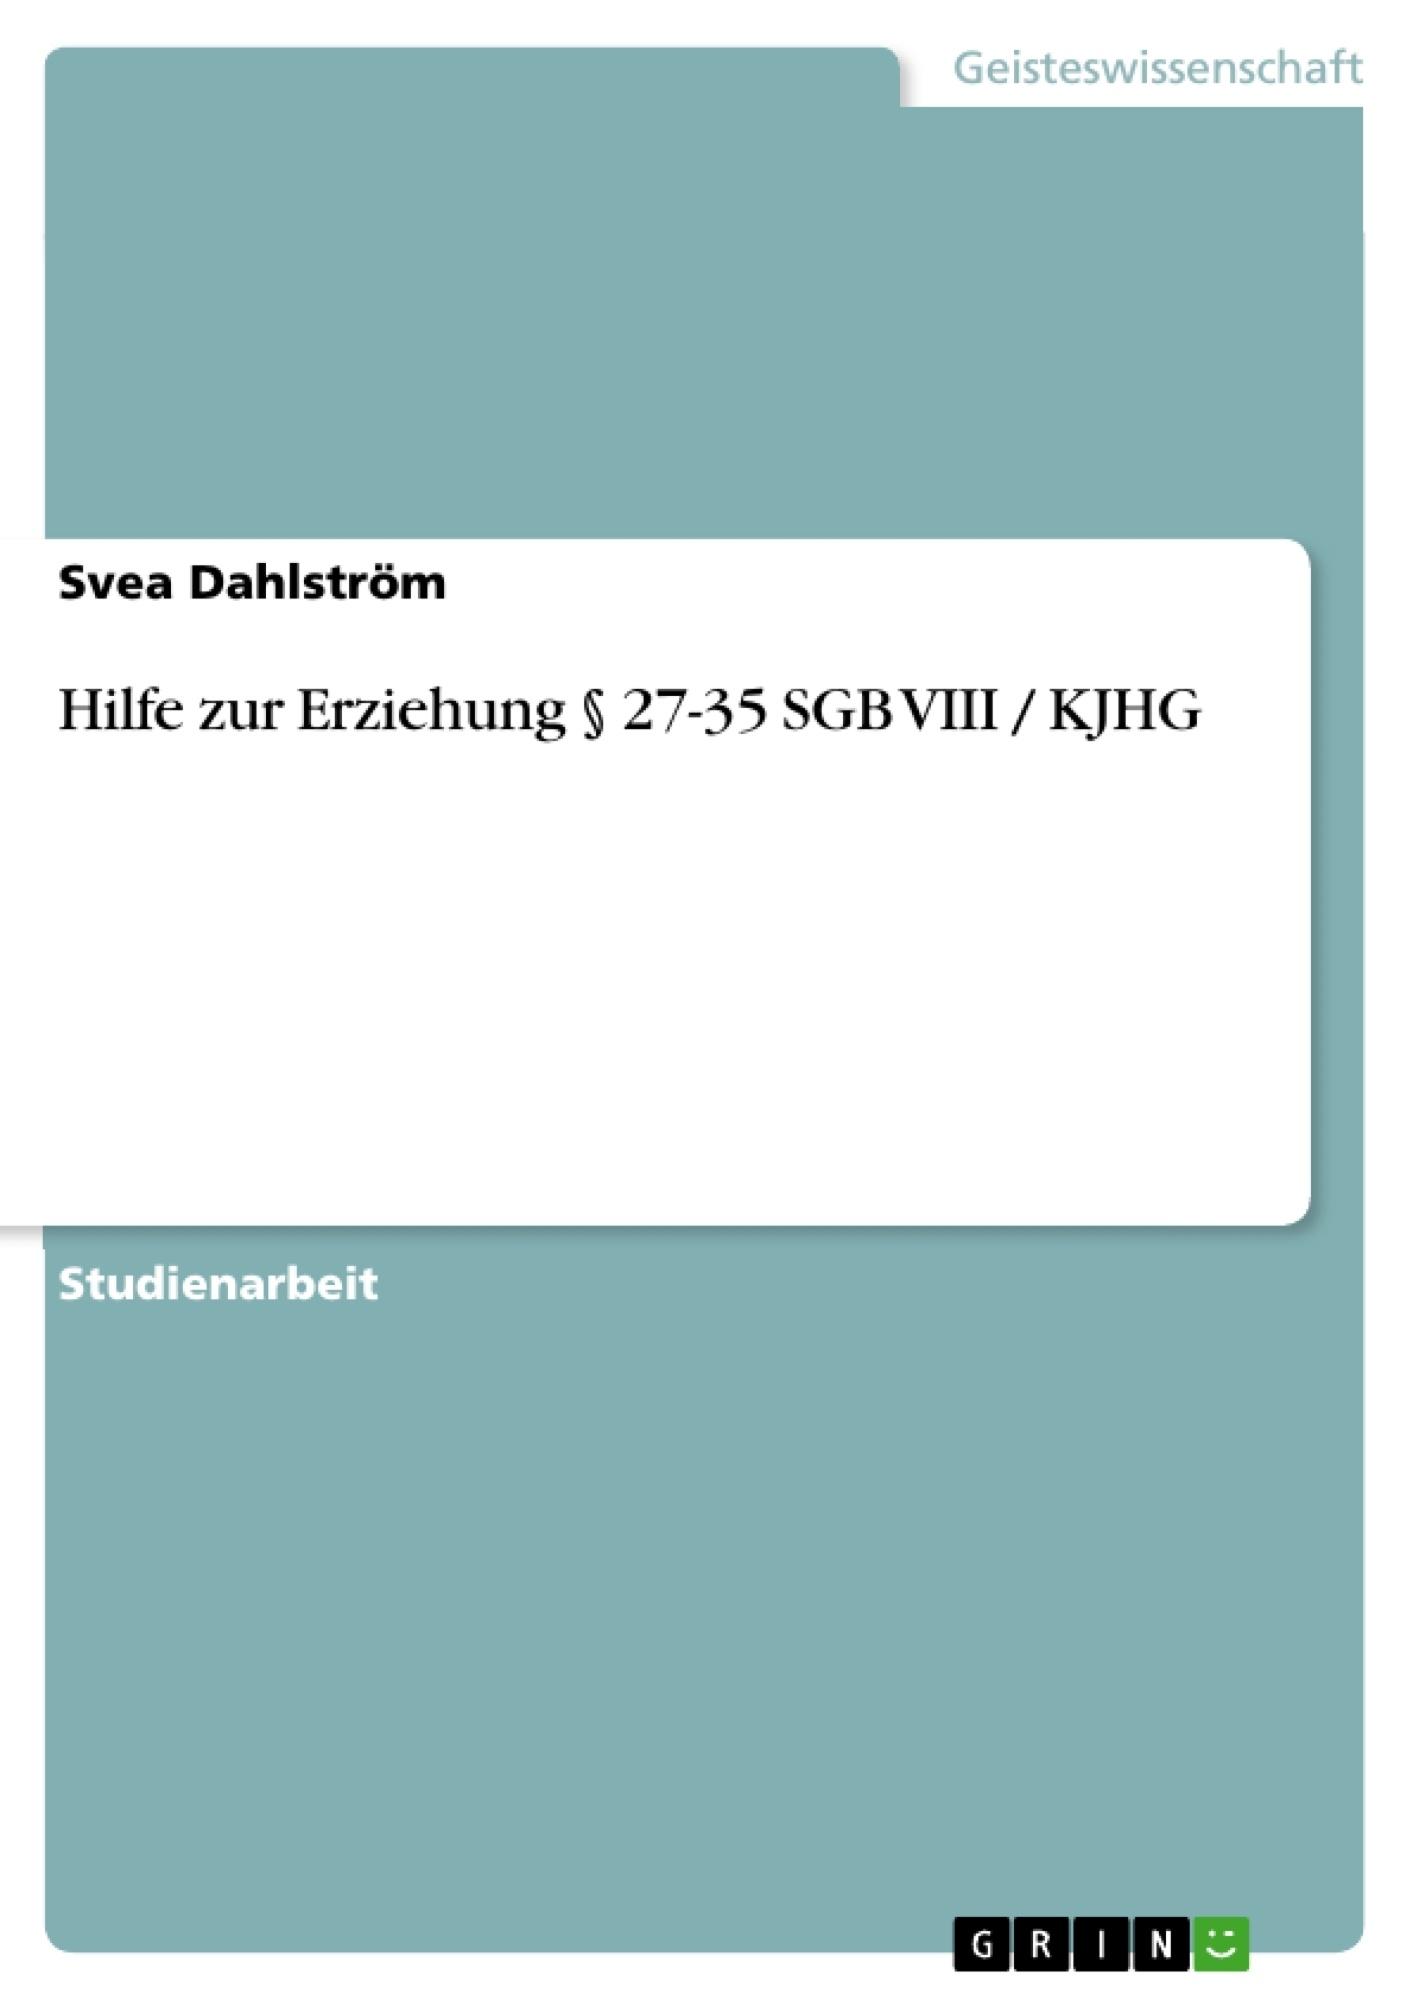 Titel: Hilfe zur Erziehung § 27-35 SGB VIII / KJHG